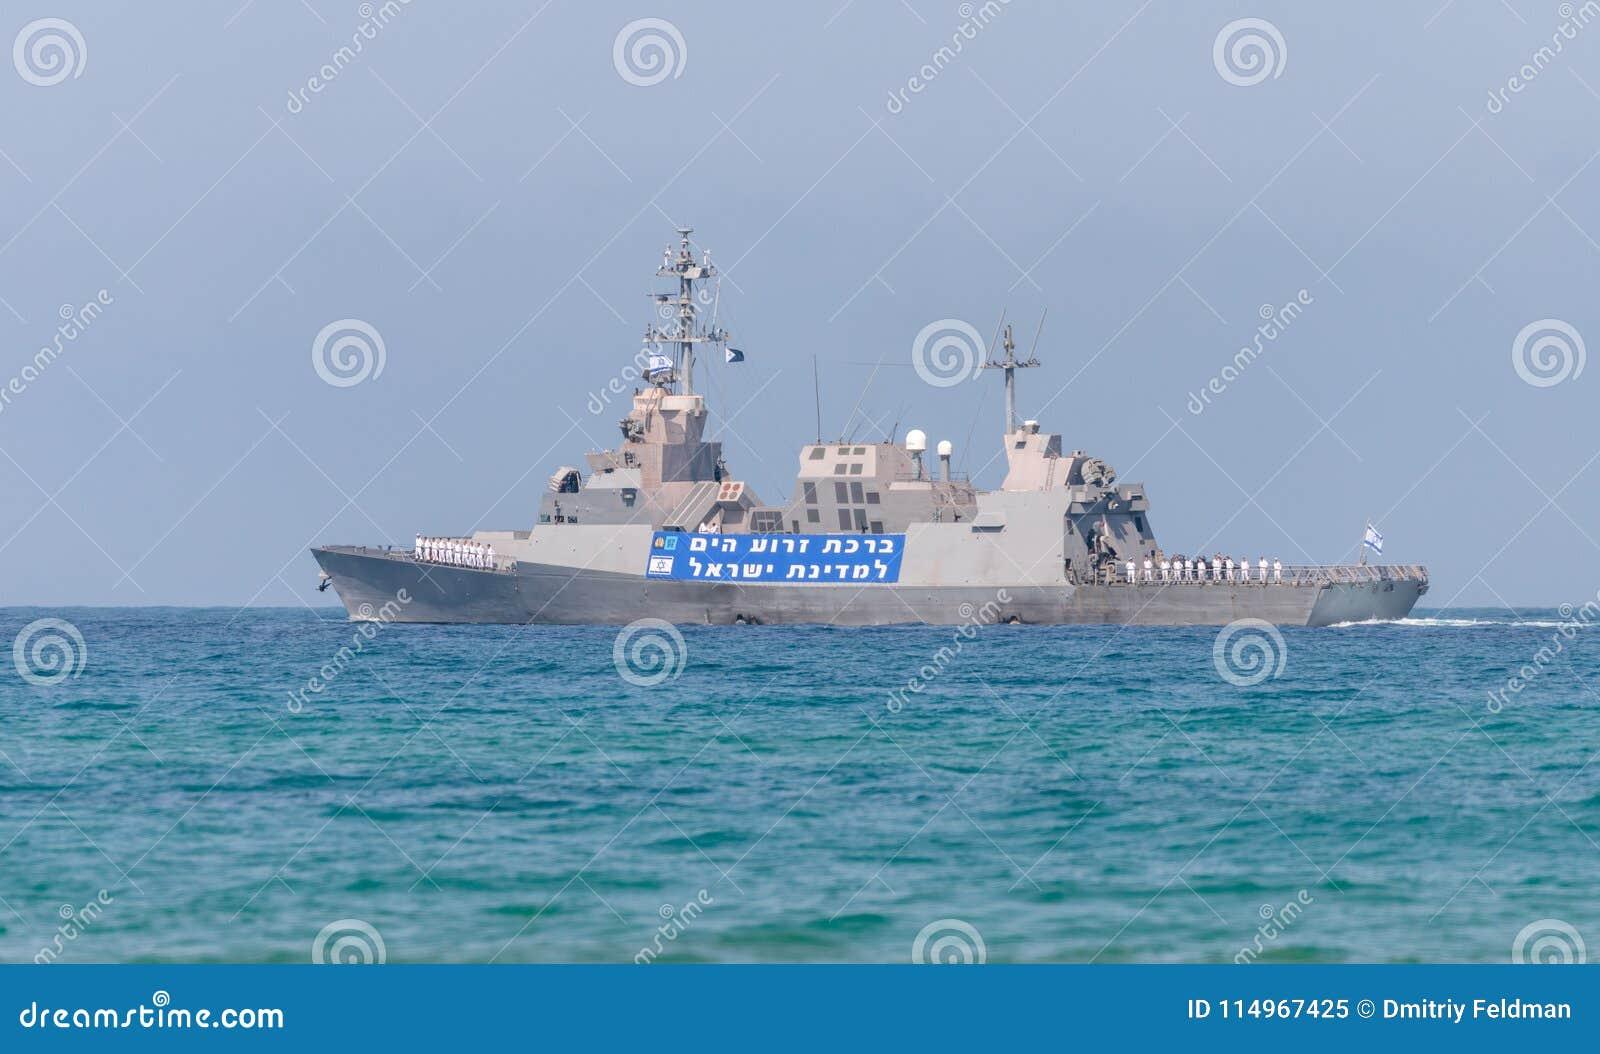 Ett stridskepp deltar i ett maritimt ståtar av kusten av Haifa i heder av den 70th årsdagen av självständigheten av